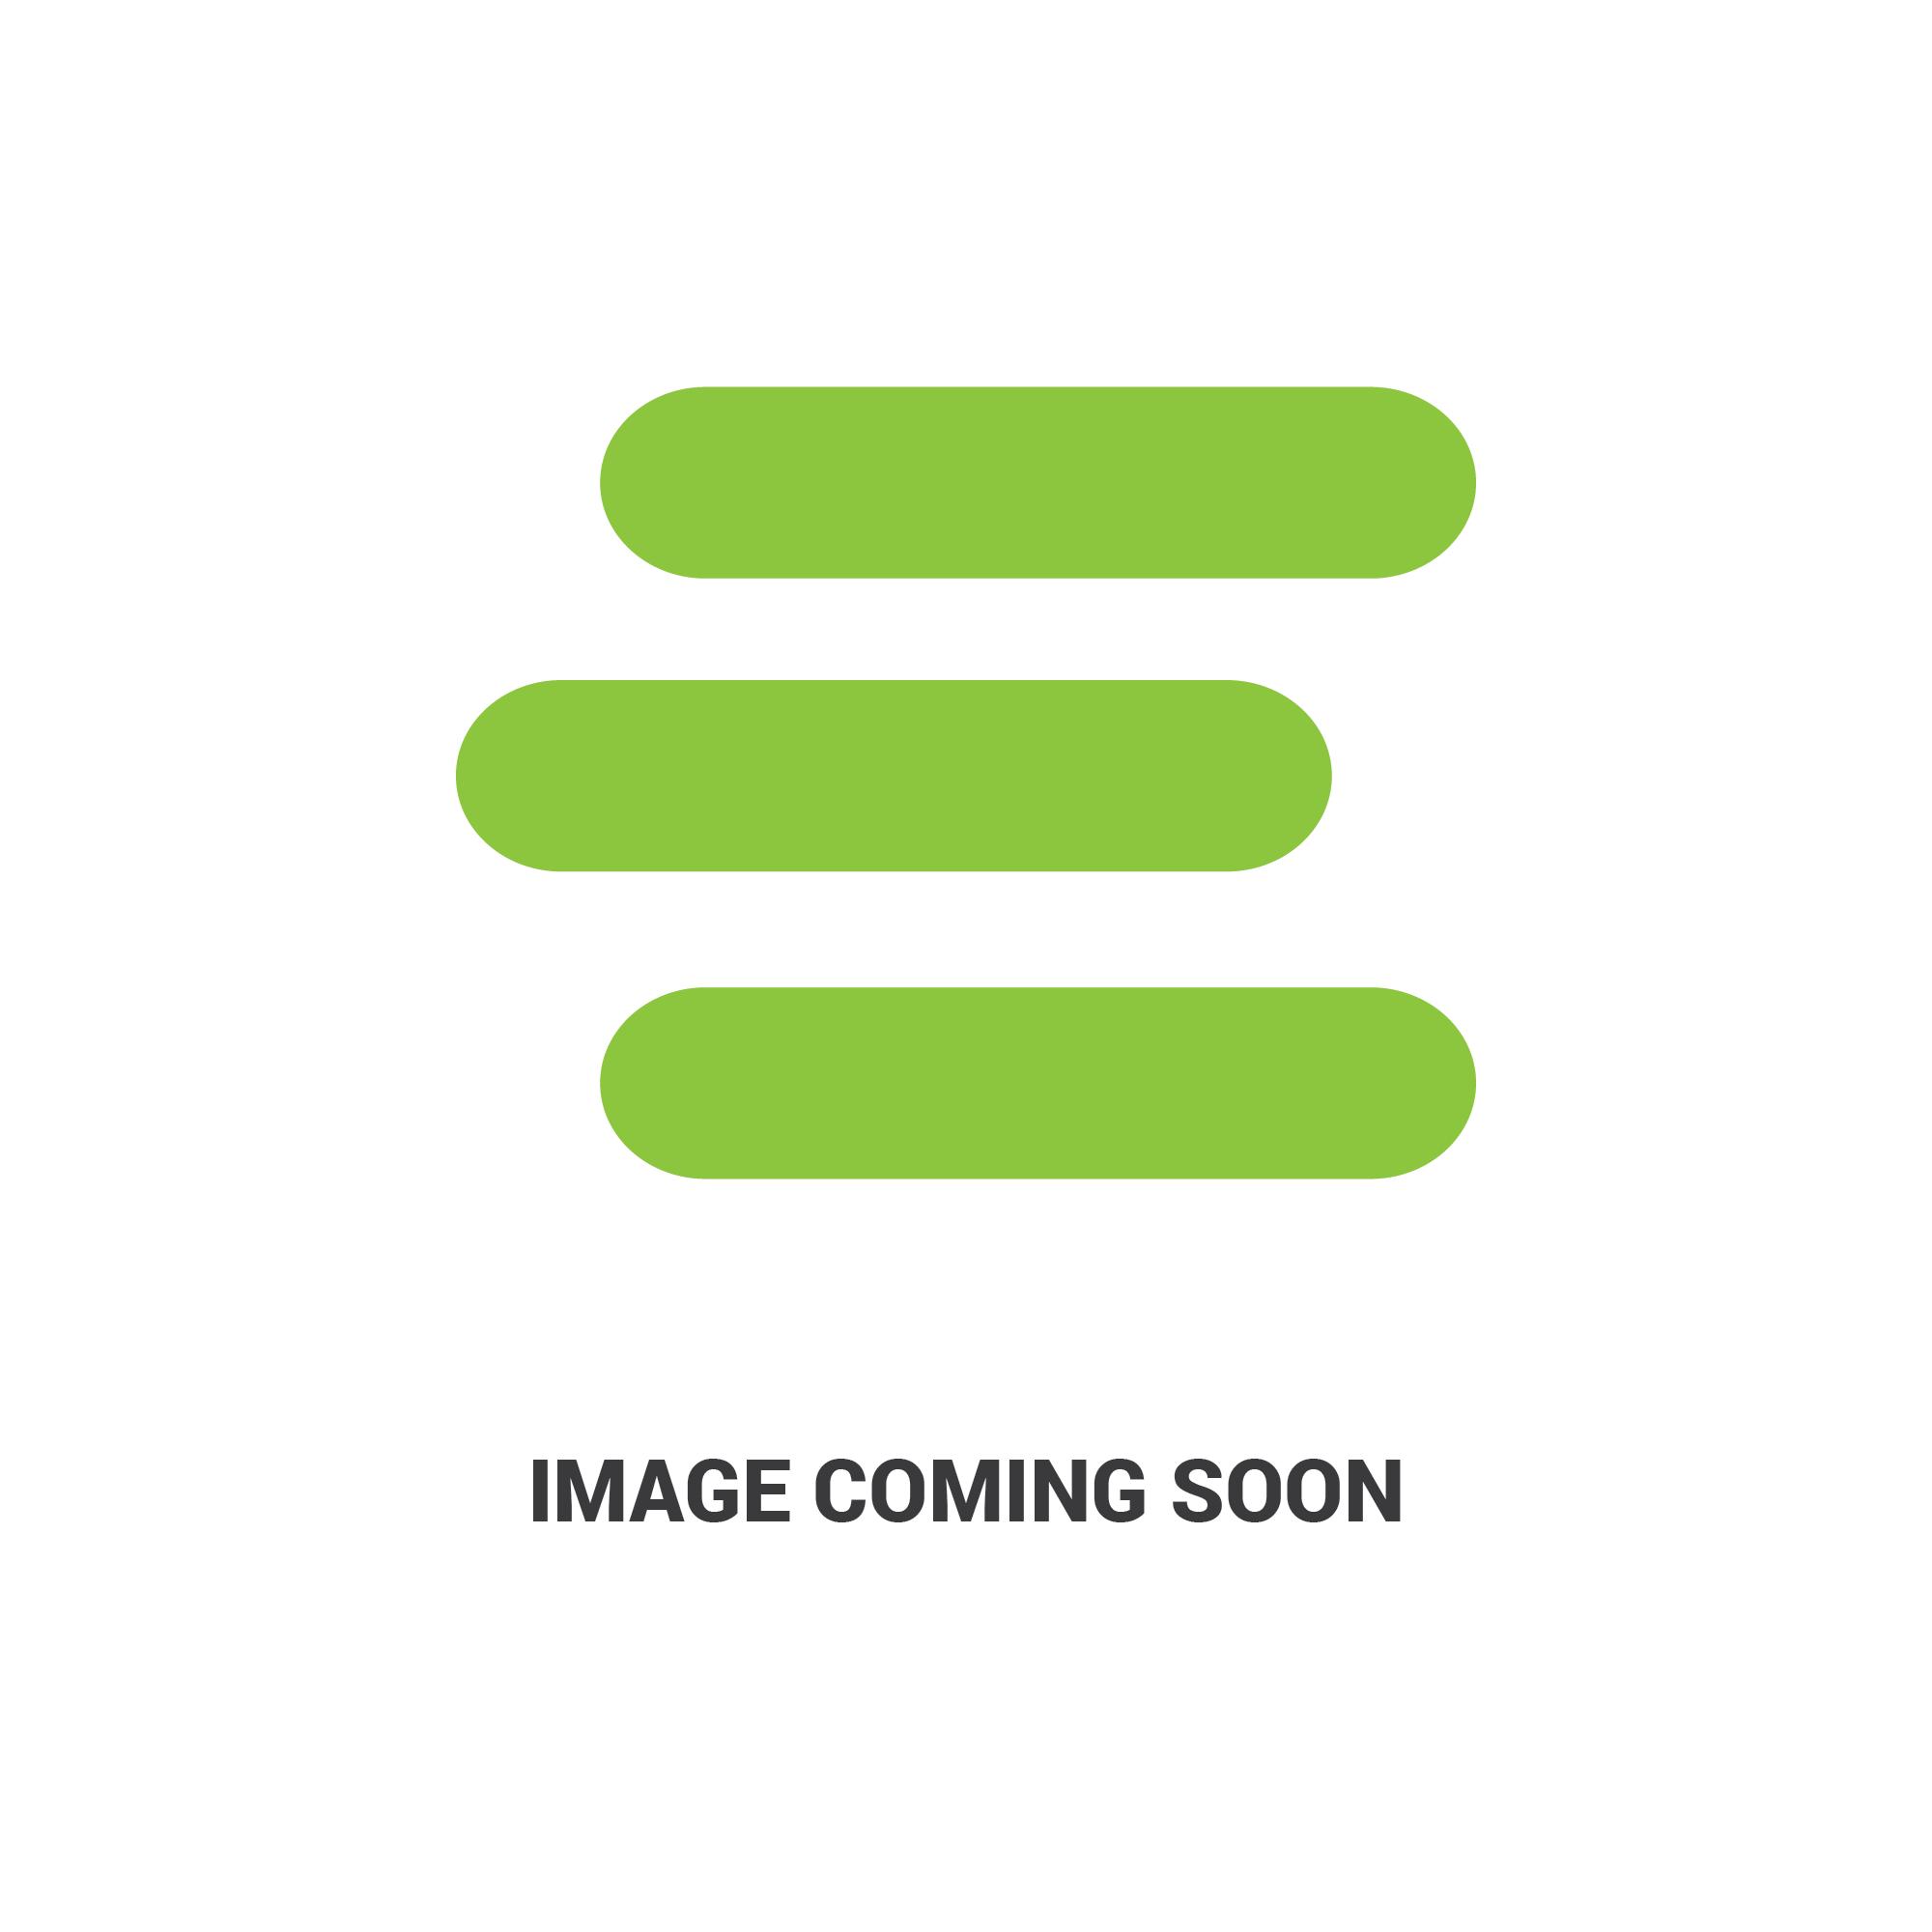 E-AM1414821757_1.jpg